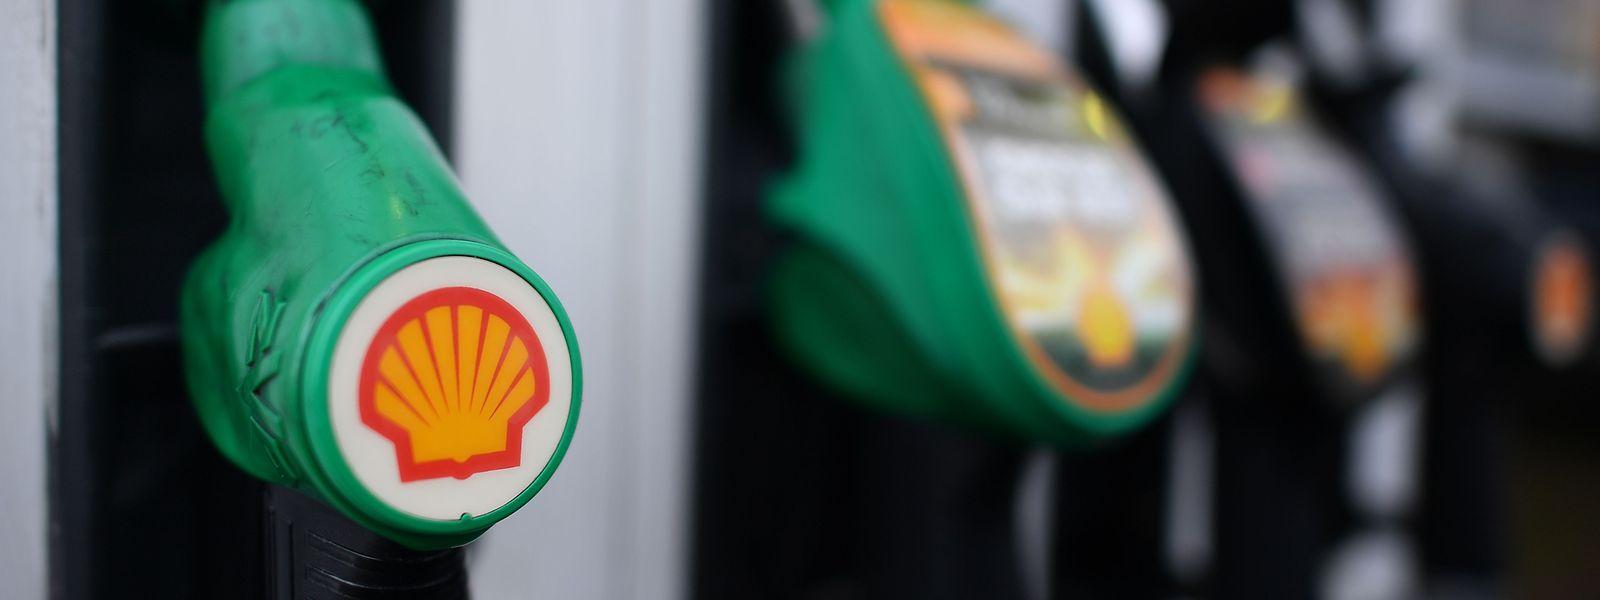 Die Benzinpreise gehen am Samstag ungewohnt kräftig nach oben.